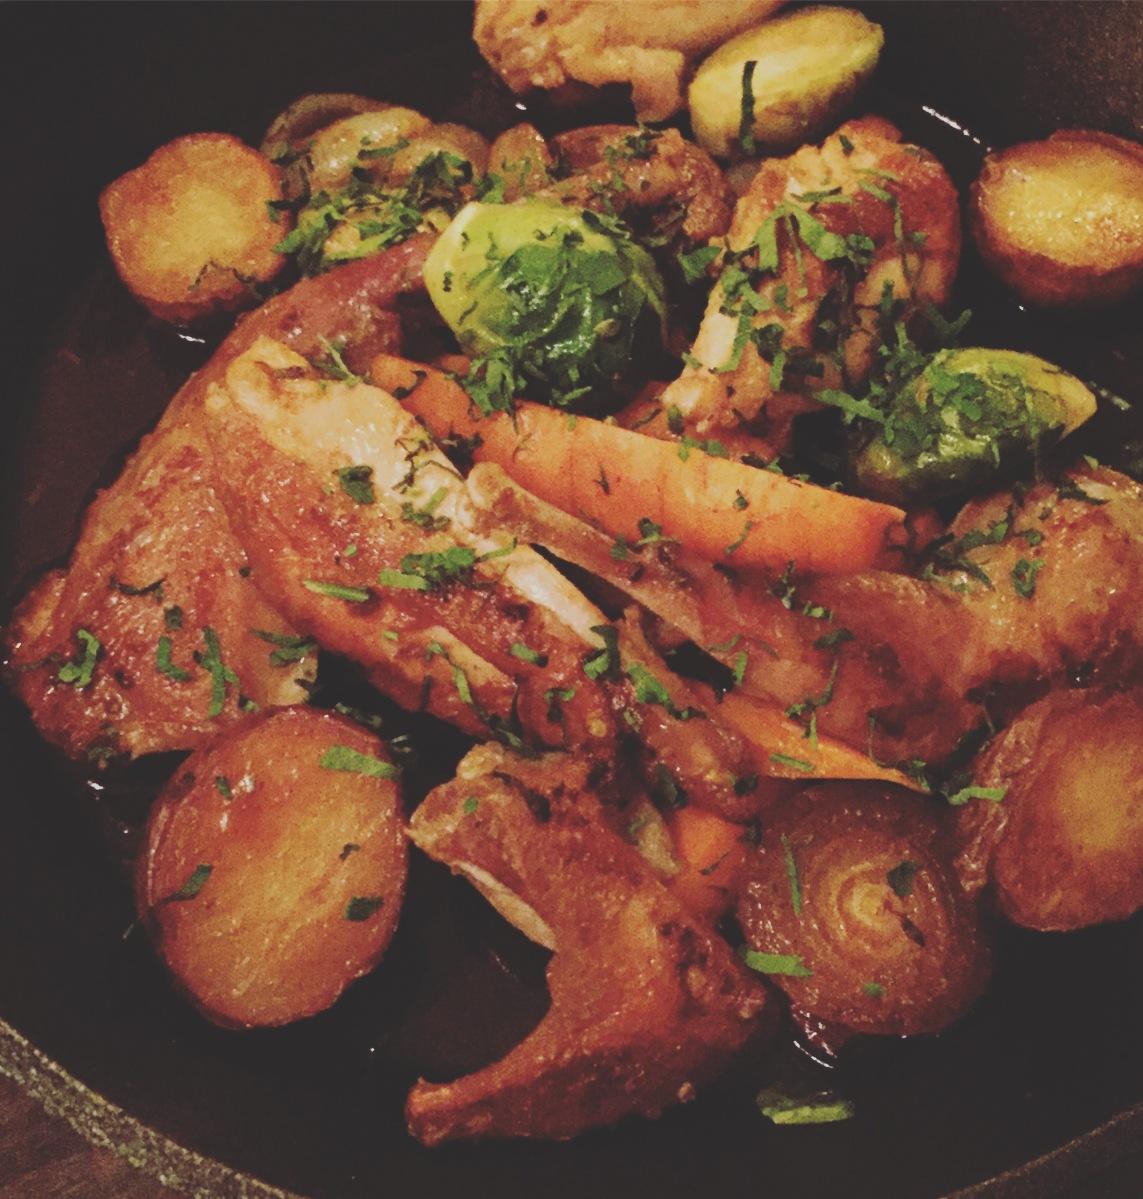 Perdrix confite et poêlée, Râgout de pomme de terres rattes, lardons, oignons